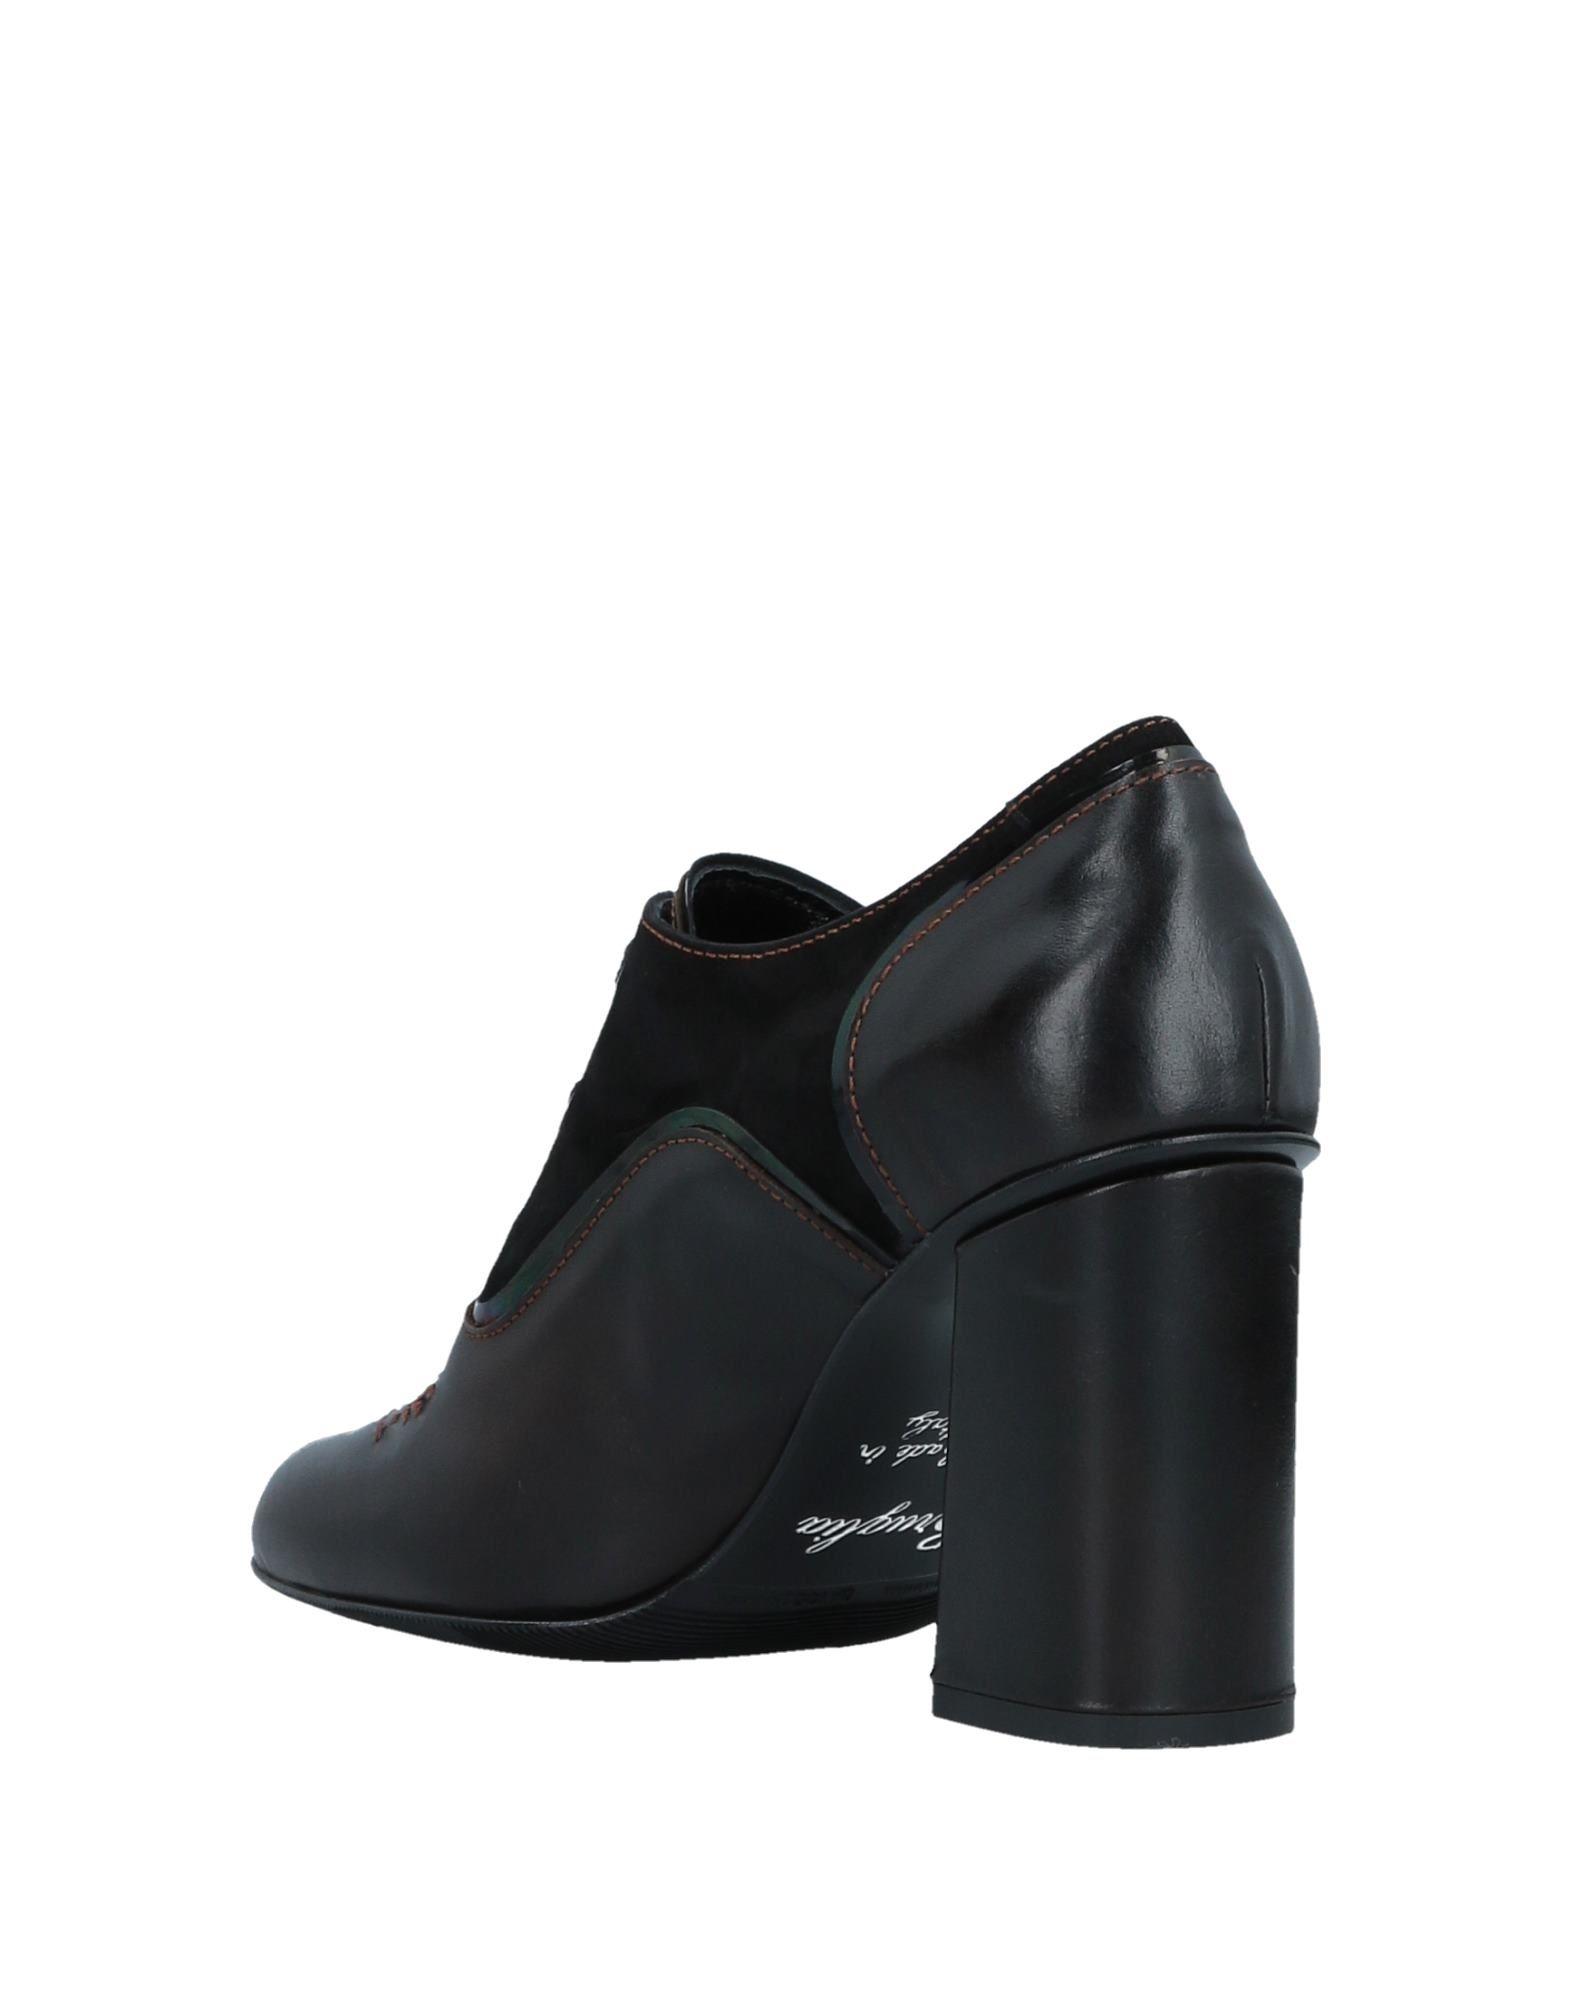 Stilvolle billige Schuhe F.Lli  Bruglia Schnürschuhe Damen  F.Lli 11520180HL e2d644